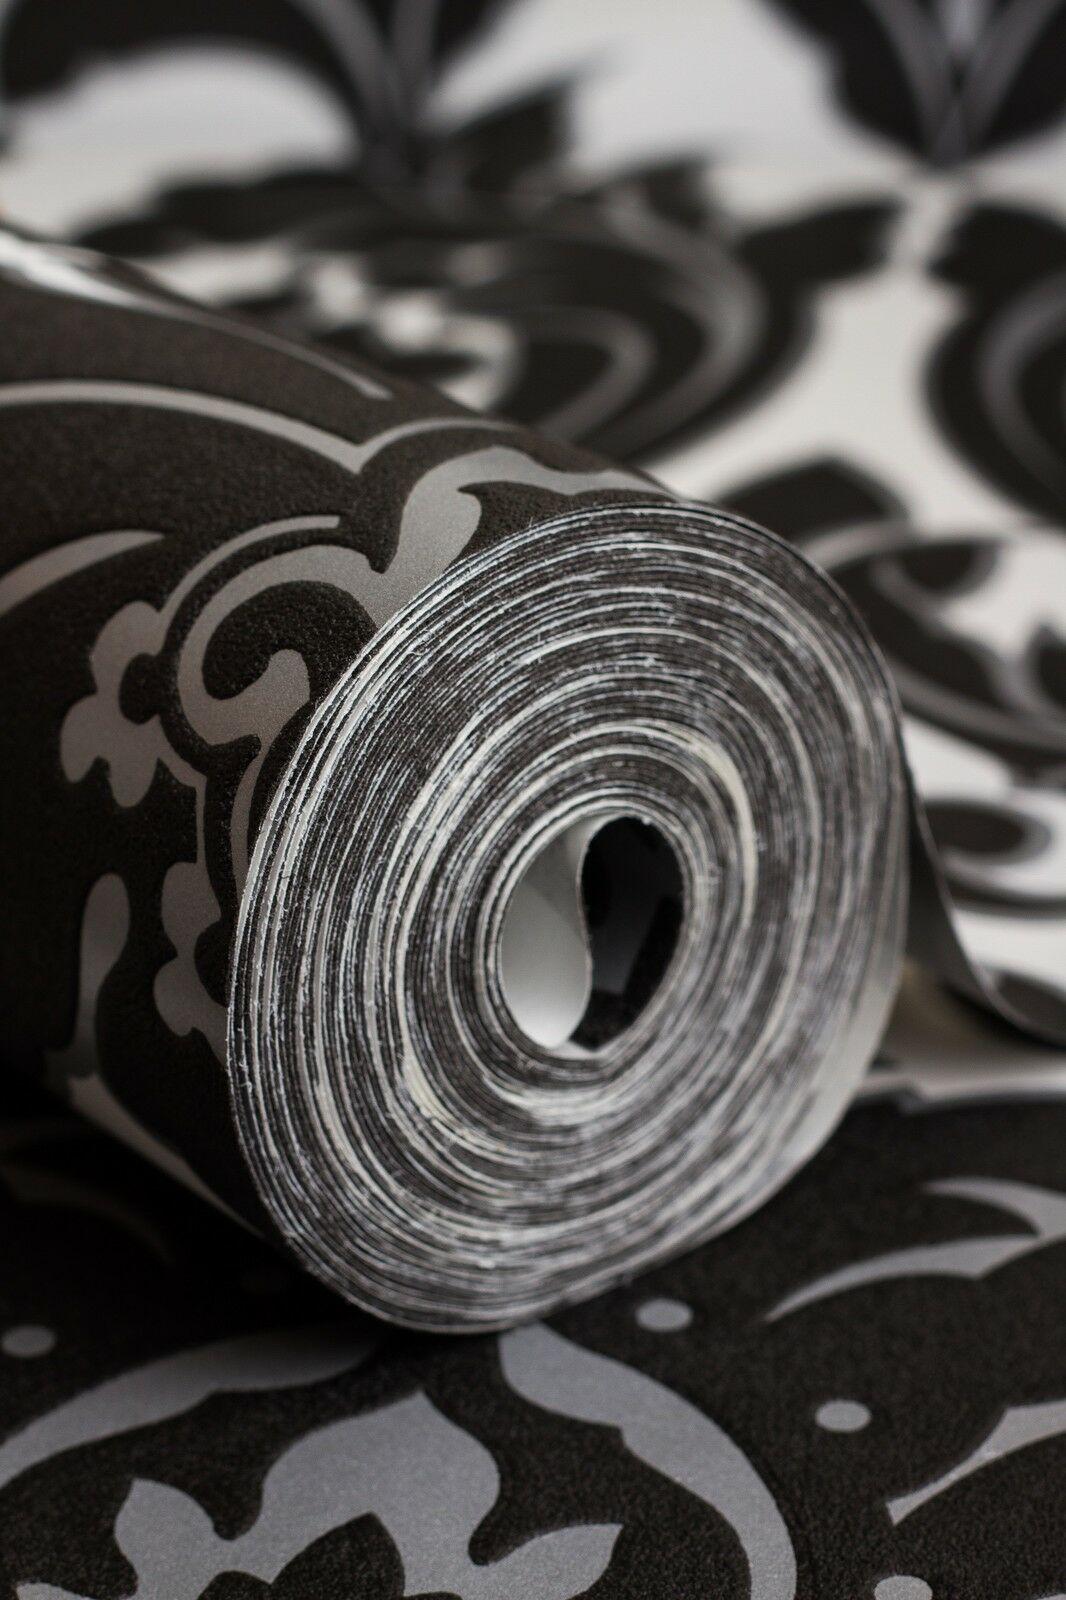 Vlies tapete barock muster ornament schwarz wei silber for Tapete barock